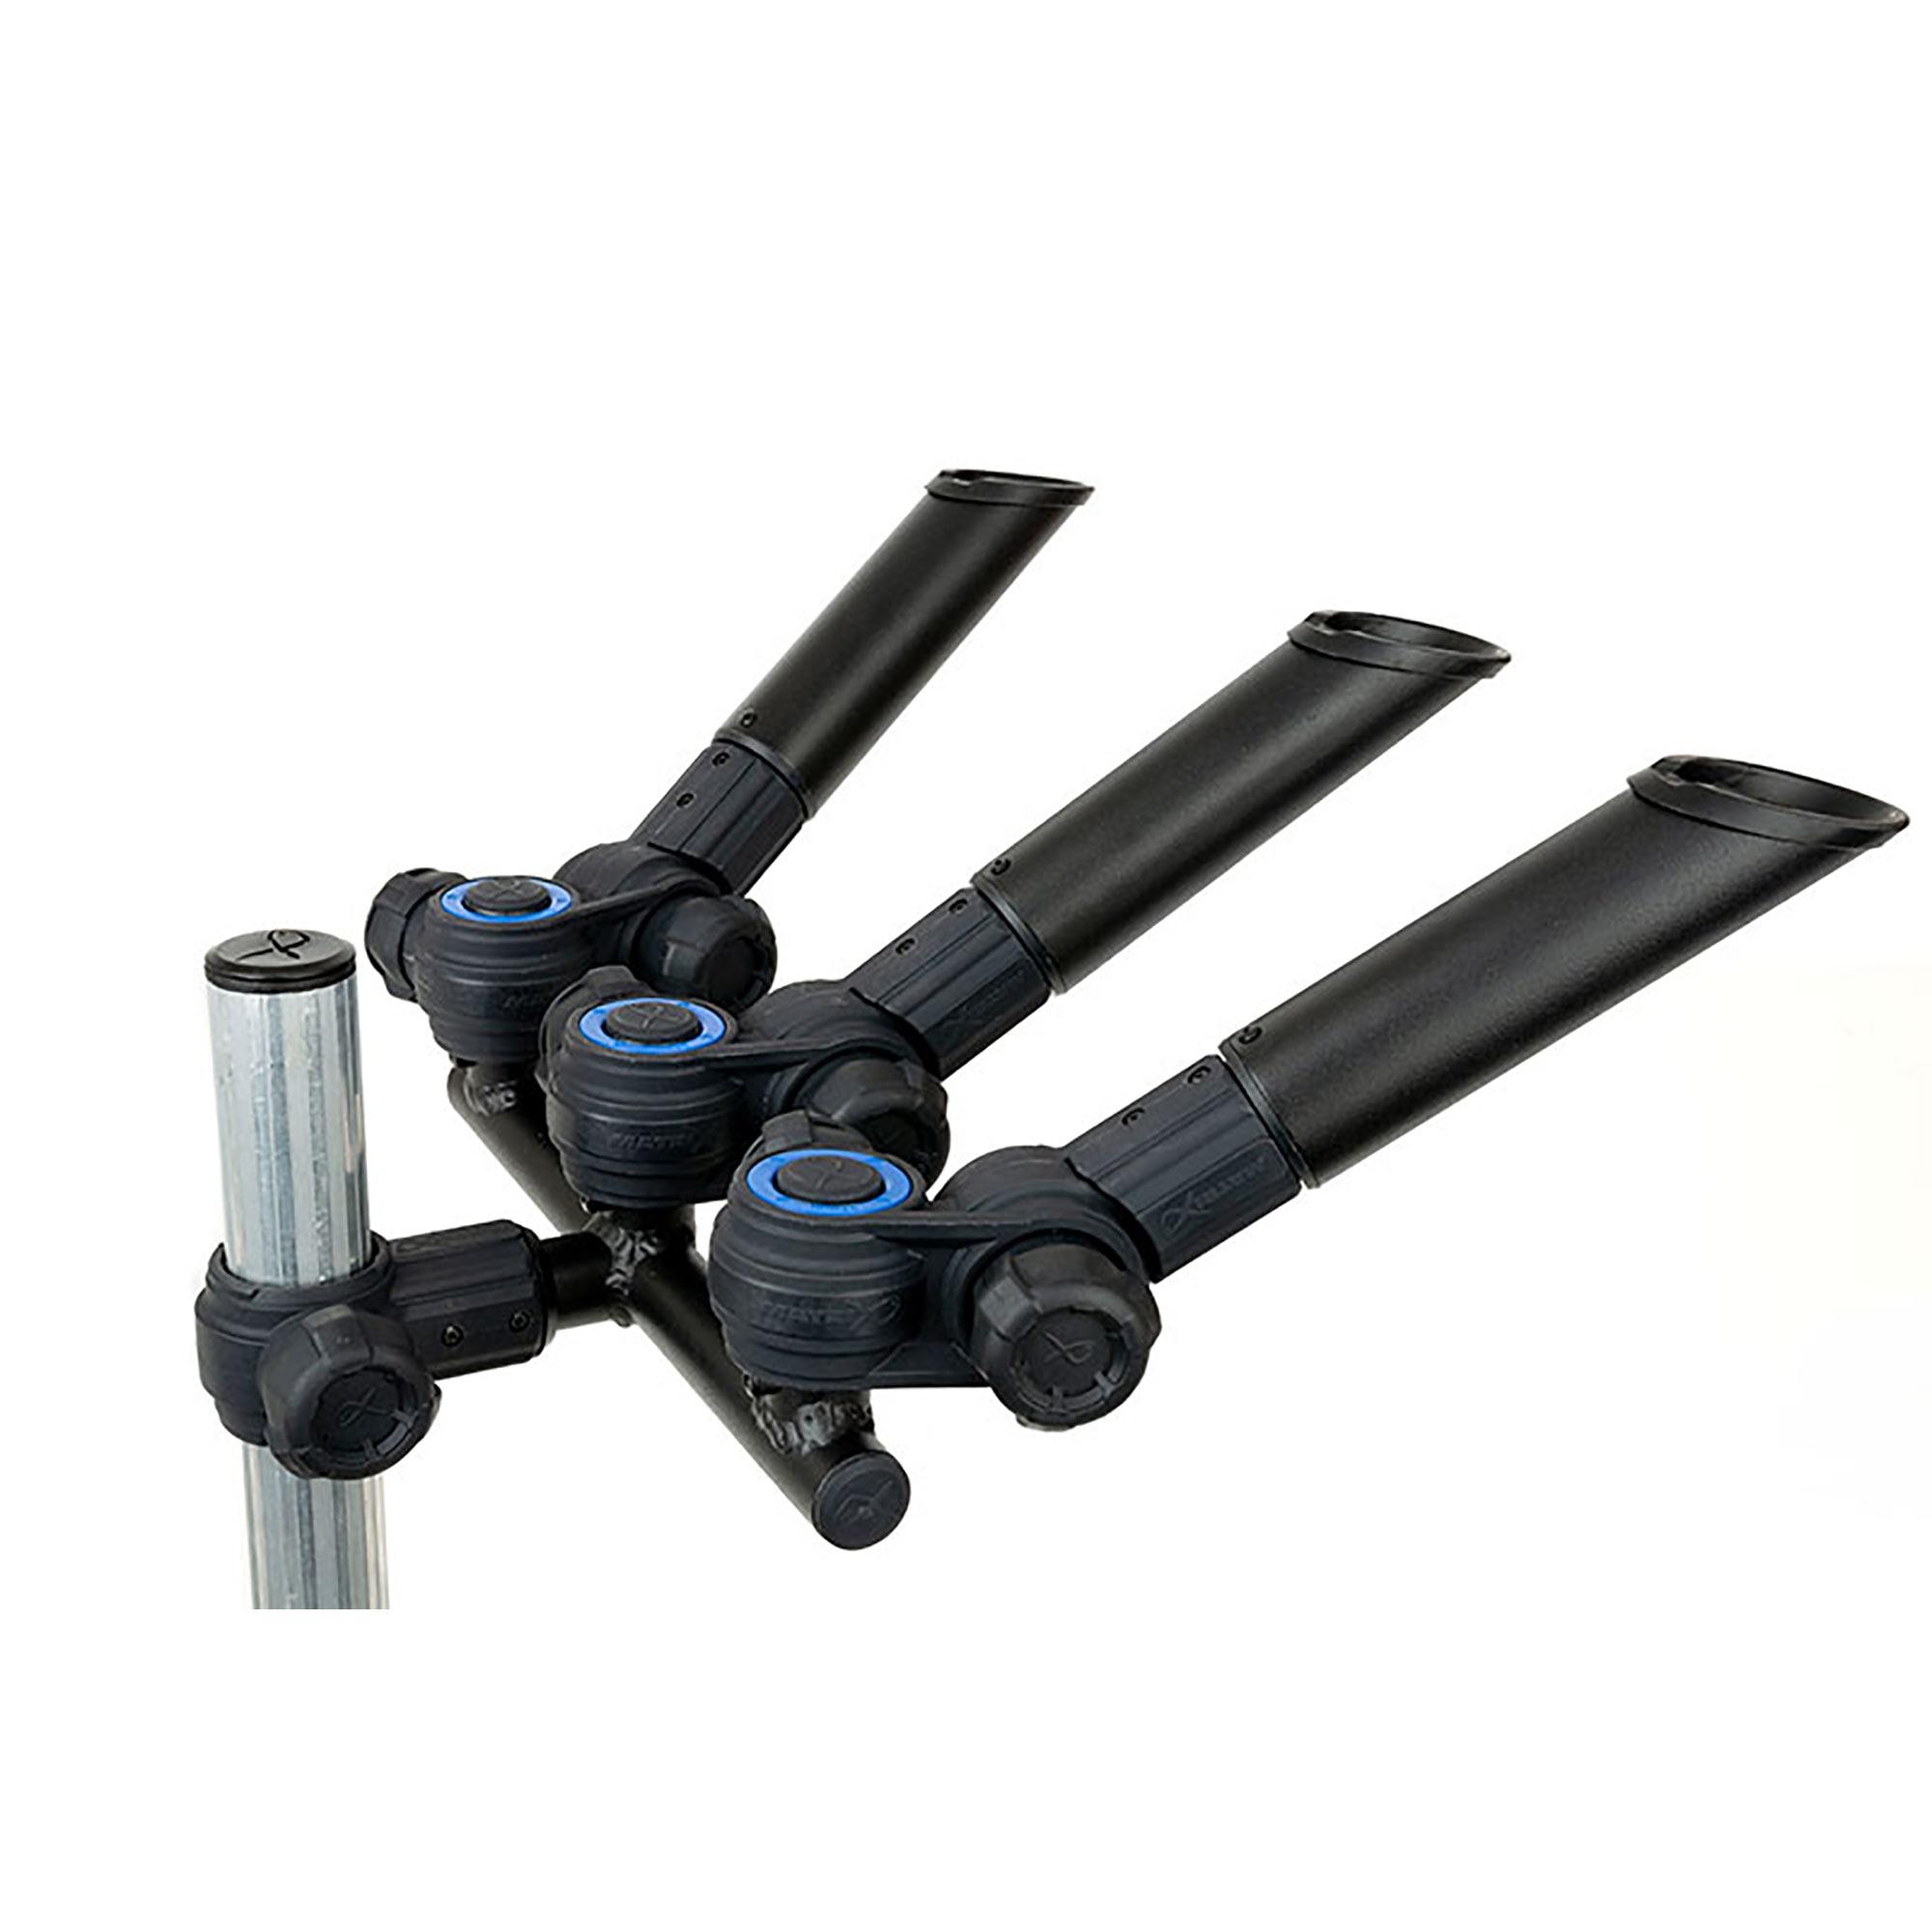 Attacco multi angle 3 canne 3D-R MATRIX